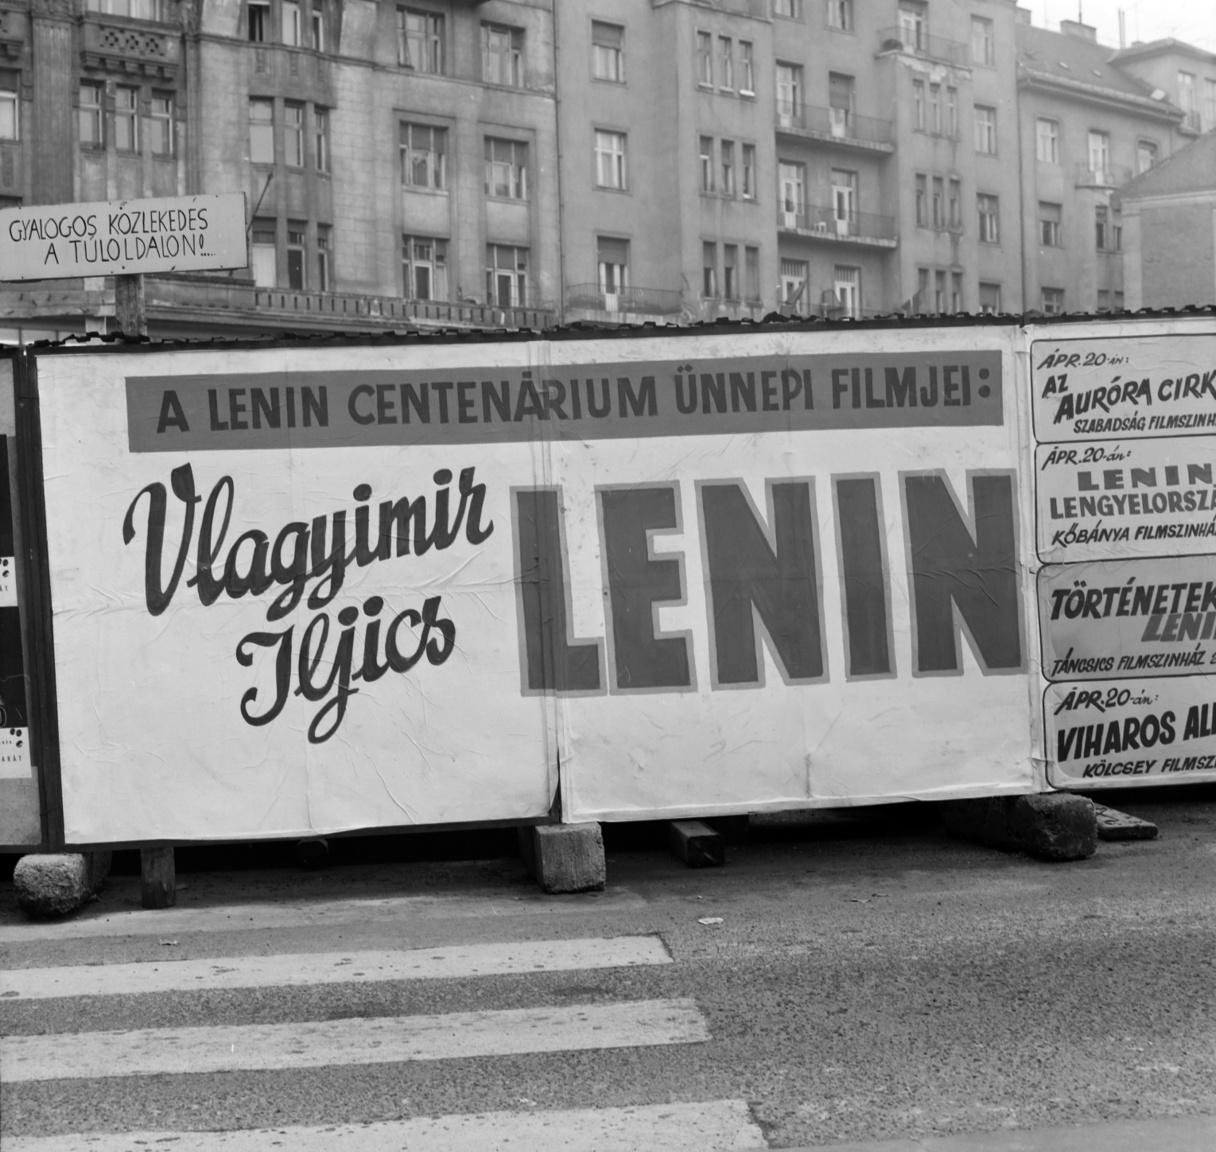 1970-ben Vlagyimir Iljics Lenin, a Szovjetunió első kommunista vezetője születésének 100. évfordulóján a szovjet rezsimek propagandistái számos rendezvénnyel, ünnepi eseménnyel készültek. Magyarországról különféle küldöttségek, barátságvonatok indultak a Szovjetunióba, az IBUSZ emléktúrákkal lepte meg az utazókat, a TIT előadássorozatokat szervezett, a párt és szatelitszervezetei is rendkívüli üléseket tartottak vagy kirándulásokkal emlékeztek meg az évfordulóról. A Fömo áprilisban ünnepi filmhéten vetített válogatást a szovjet filmekből, melyeket Lenin nevével és képmásával hirdetett.